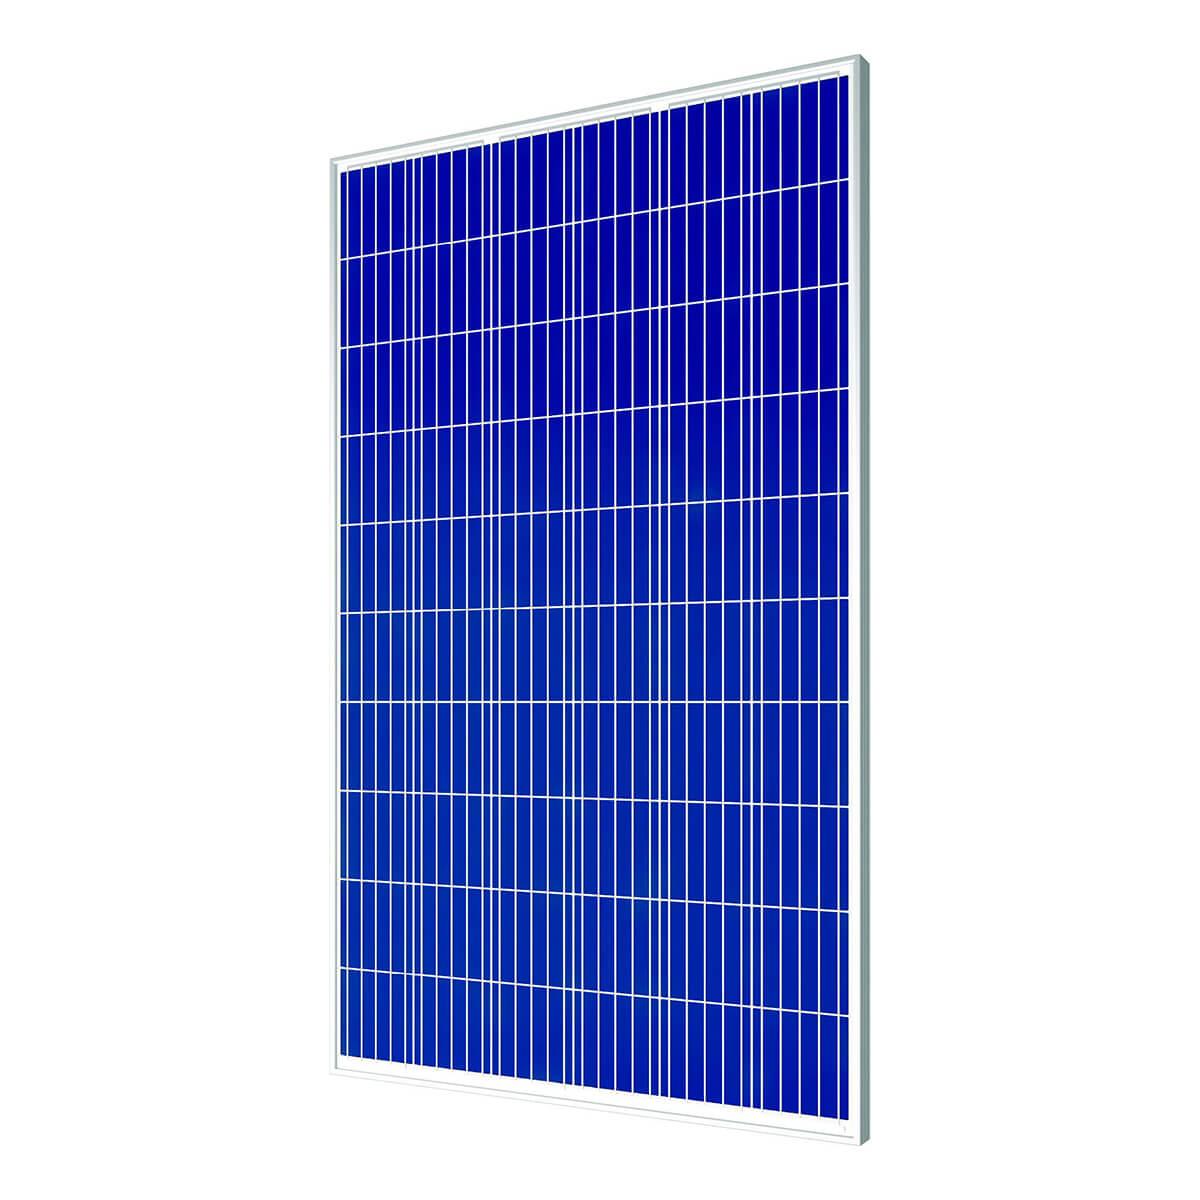 cw enerji 275W panel, cw enerji 275Watt panel, cw enerji 275 W panel, cw enerji 275 Watt panel, cw enerji 275 Watt polikristal panel, cw enerji 275 W watt gunes paneli, cw enerji 275 W watt polikristal gunes paneli, cw enerji 275 W Watt fotovoltaik polikristal solar panel, cw enerji 275W polikristal gunes enerjisi, cw enerji CWT275-60P-275 panel, CW Enerji 275 WATT